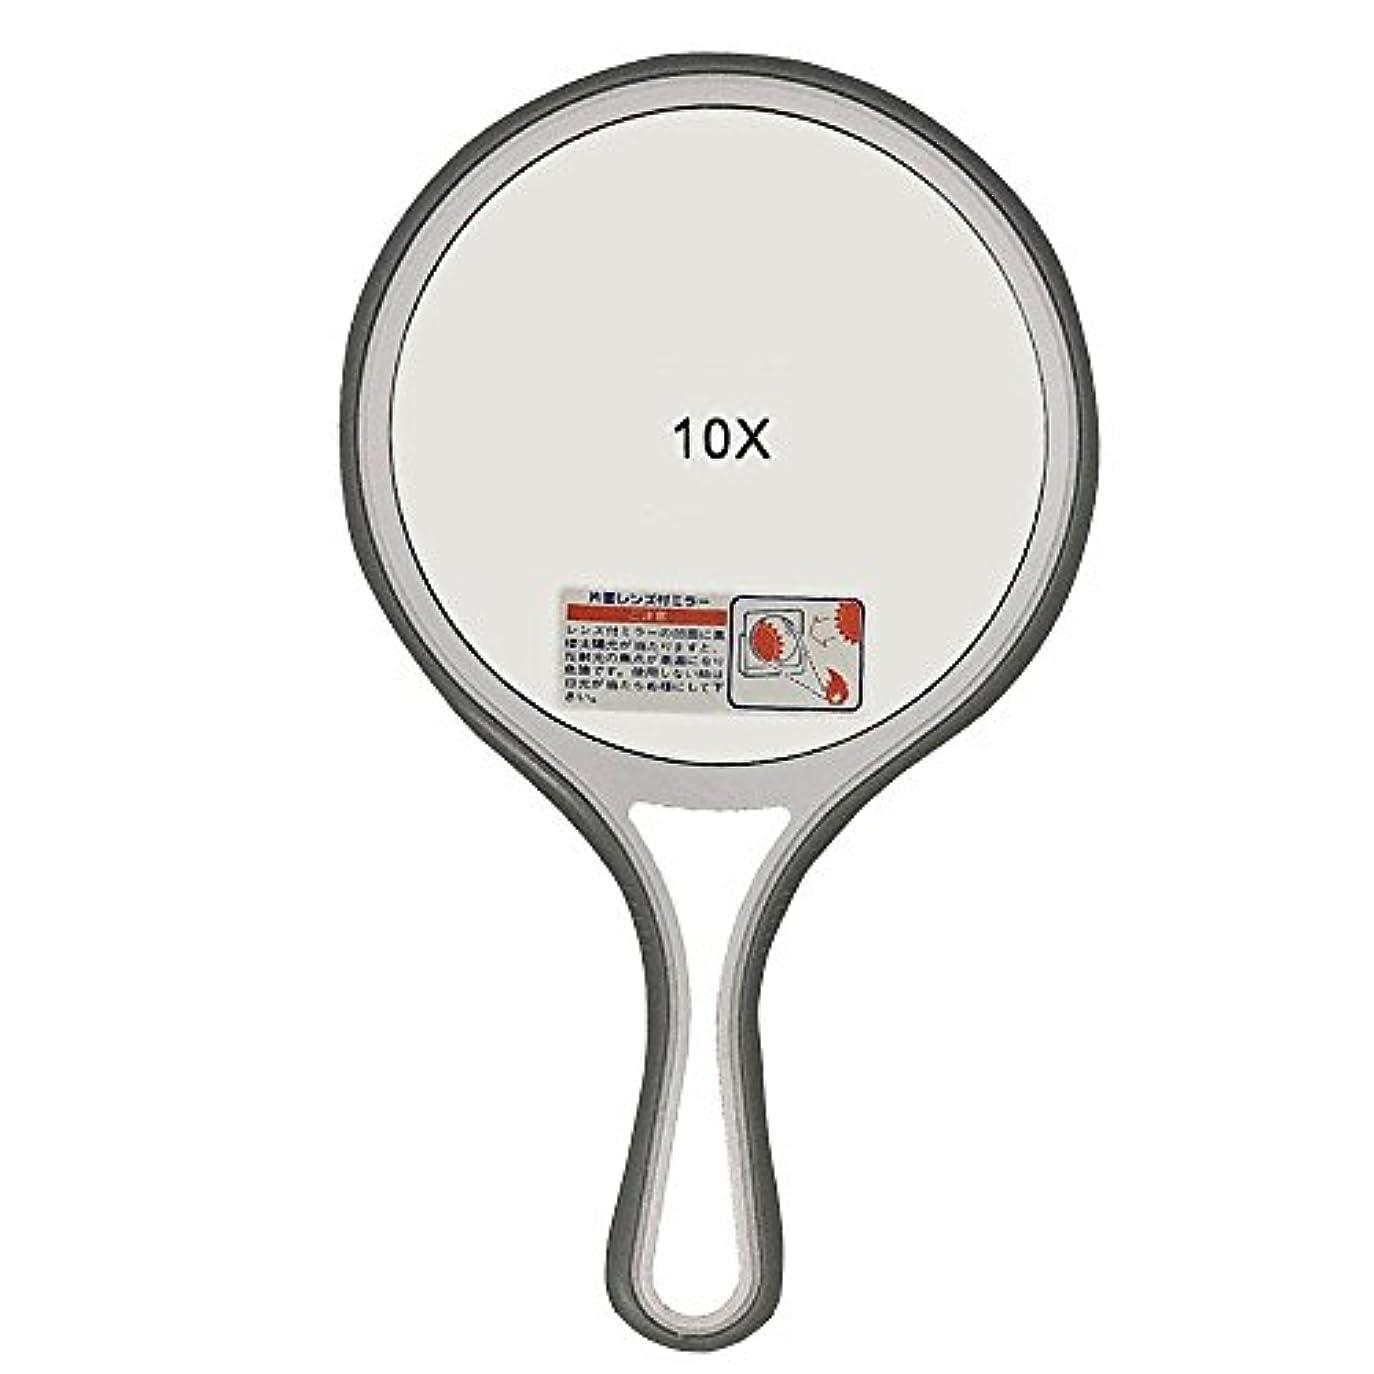 はっきりしない接続ぼろメリー 片面約10倍拡大鏡付 手鏡 ソフトグリップ AF-8